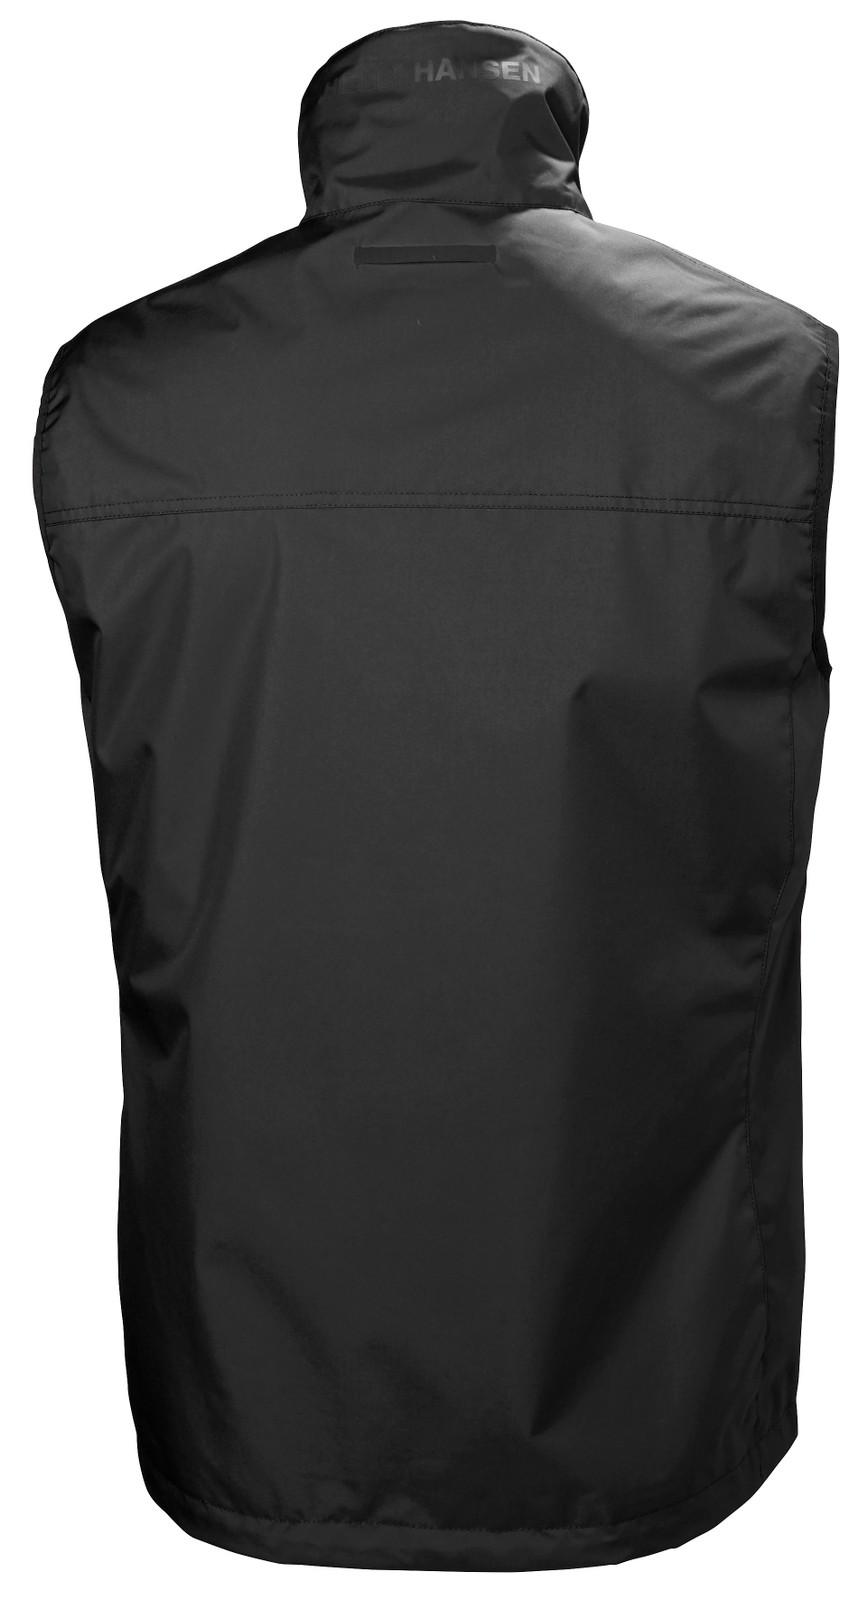 Helly Hansen Crew Vest, Men's - Black, 30270-990 (30270-990)